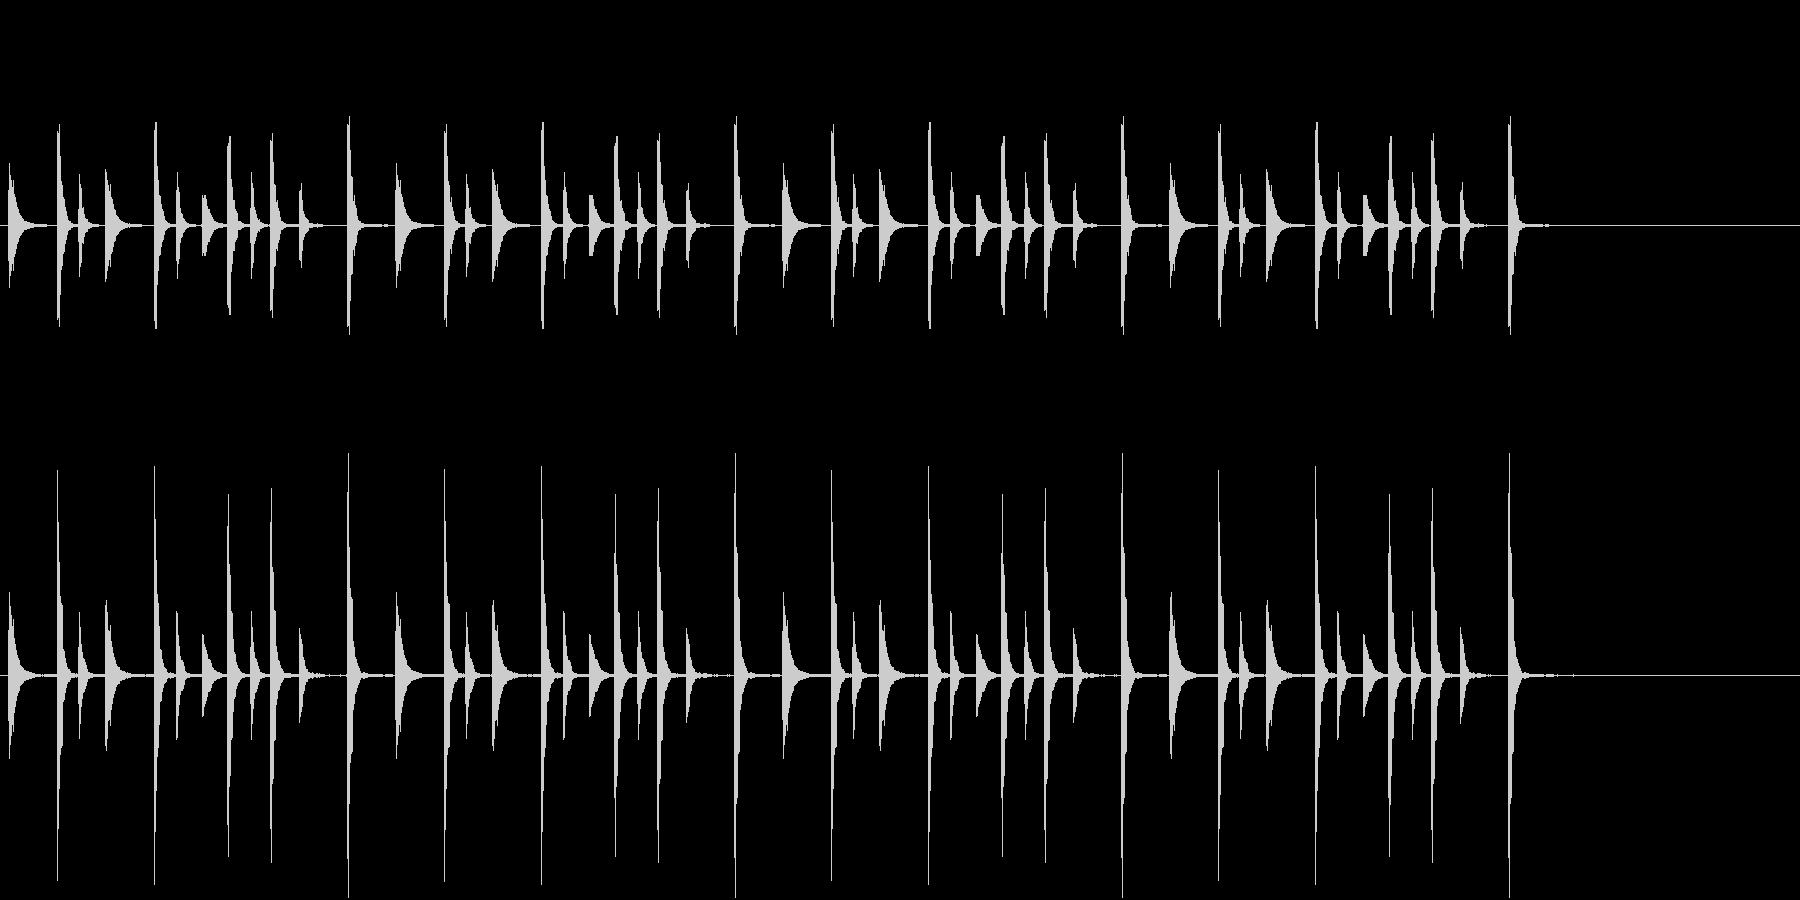 お囃子祭り軽快なコンチキのフレーズ音FXの未再生の波形